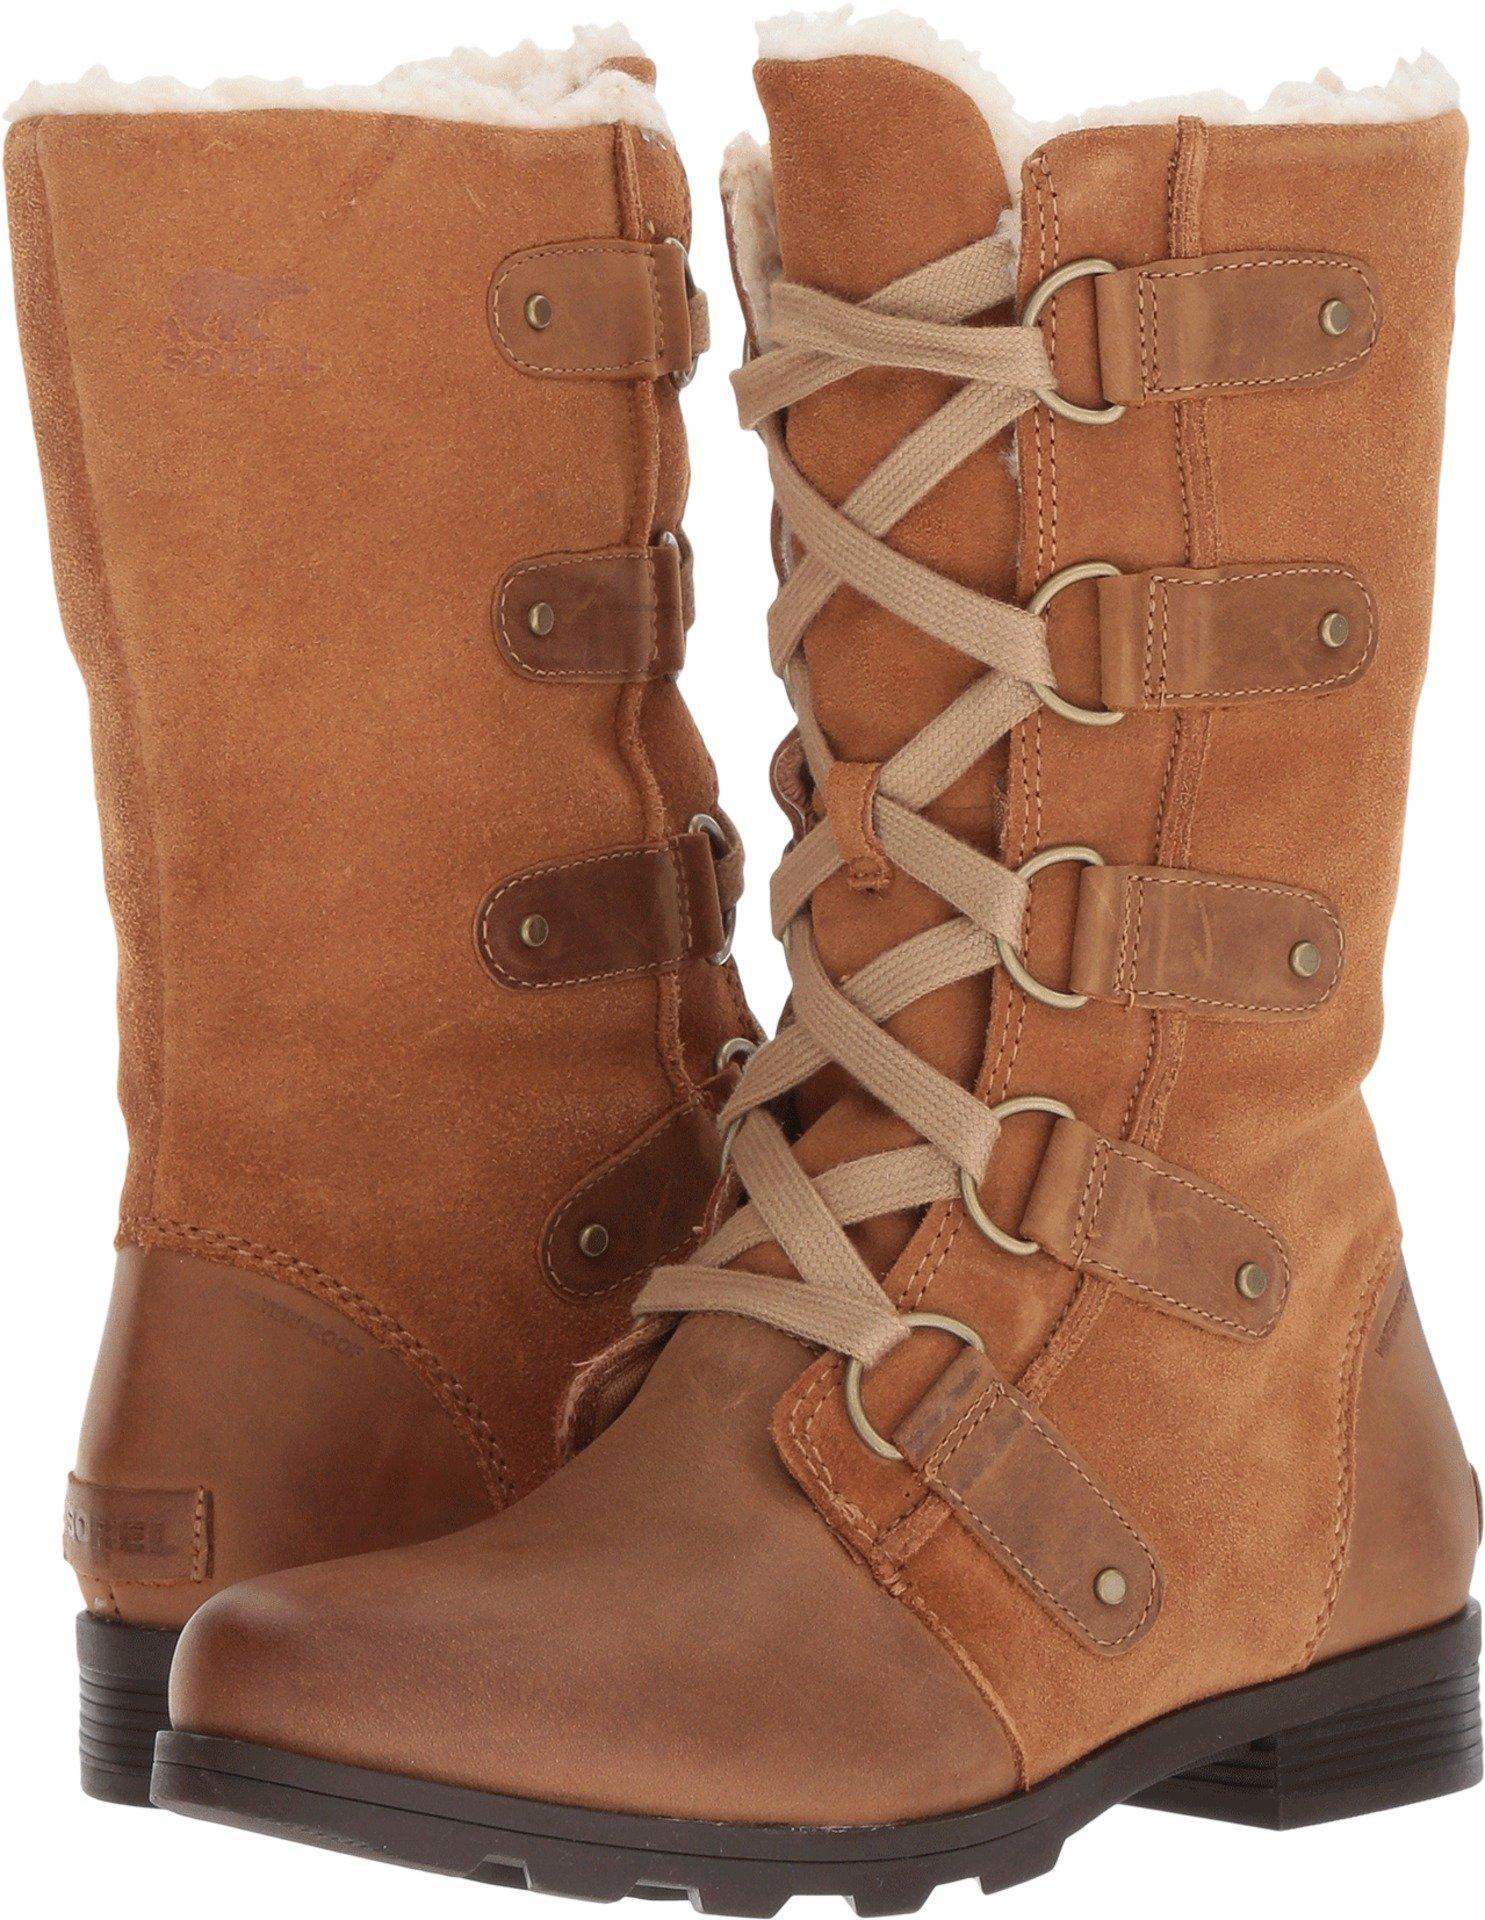 SOREL Women's Emelie Lace Boots (9.5 B(M) US, Elk/Cordovan)